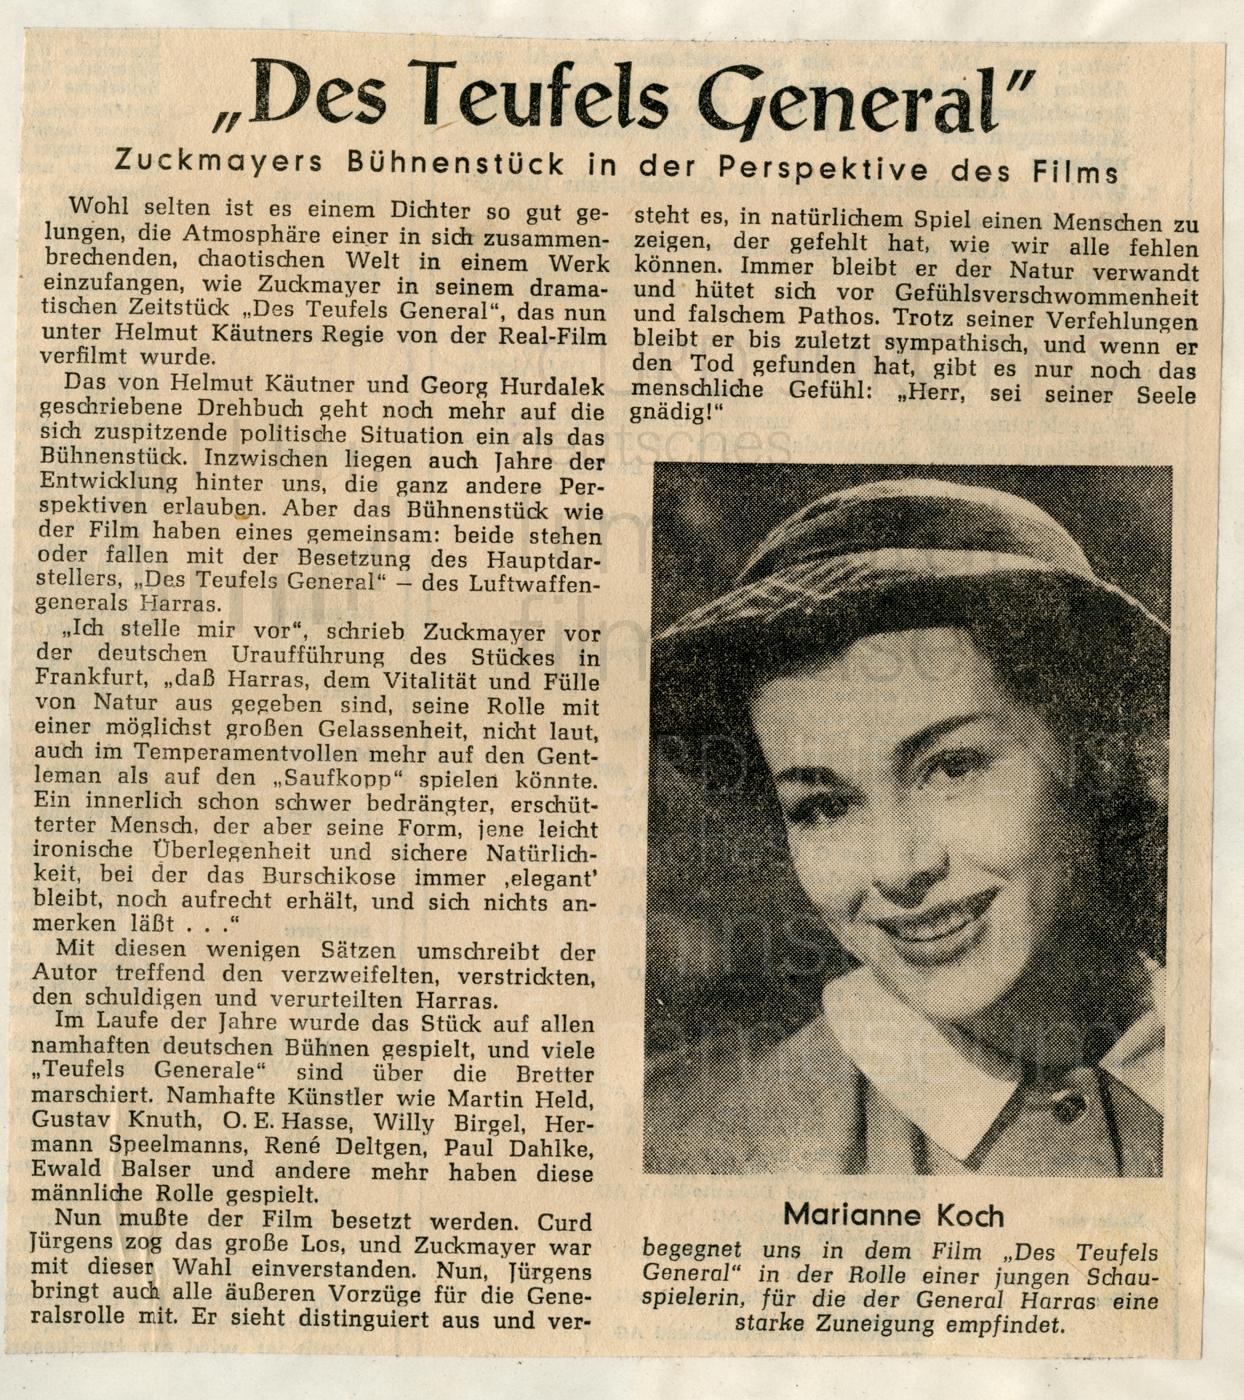 DES TEUFELS GENERAL (1955), Hannoversche Allgemeine Zeitung, 19.2.1955